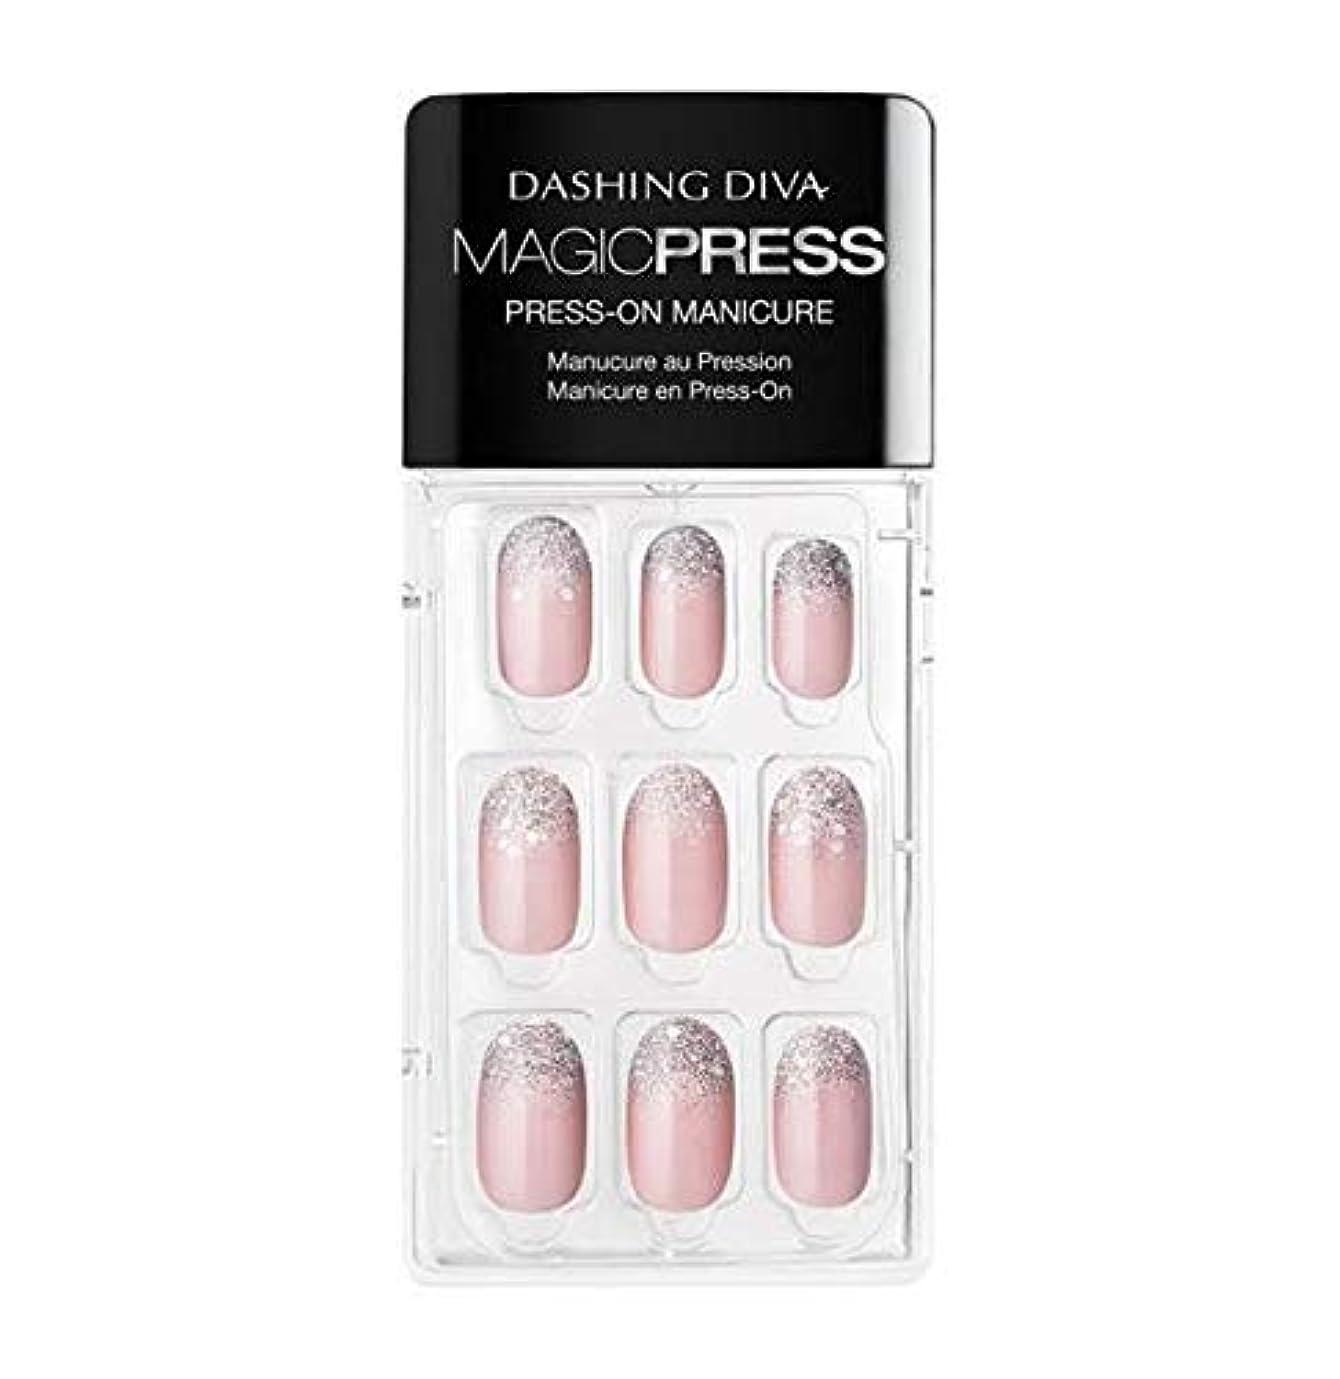 夜の動物園薄い言い訳Dashing Diva - Magic Press - Press-On Manicure - Lighten up - 30 Pieces